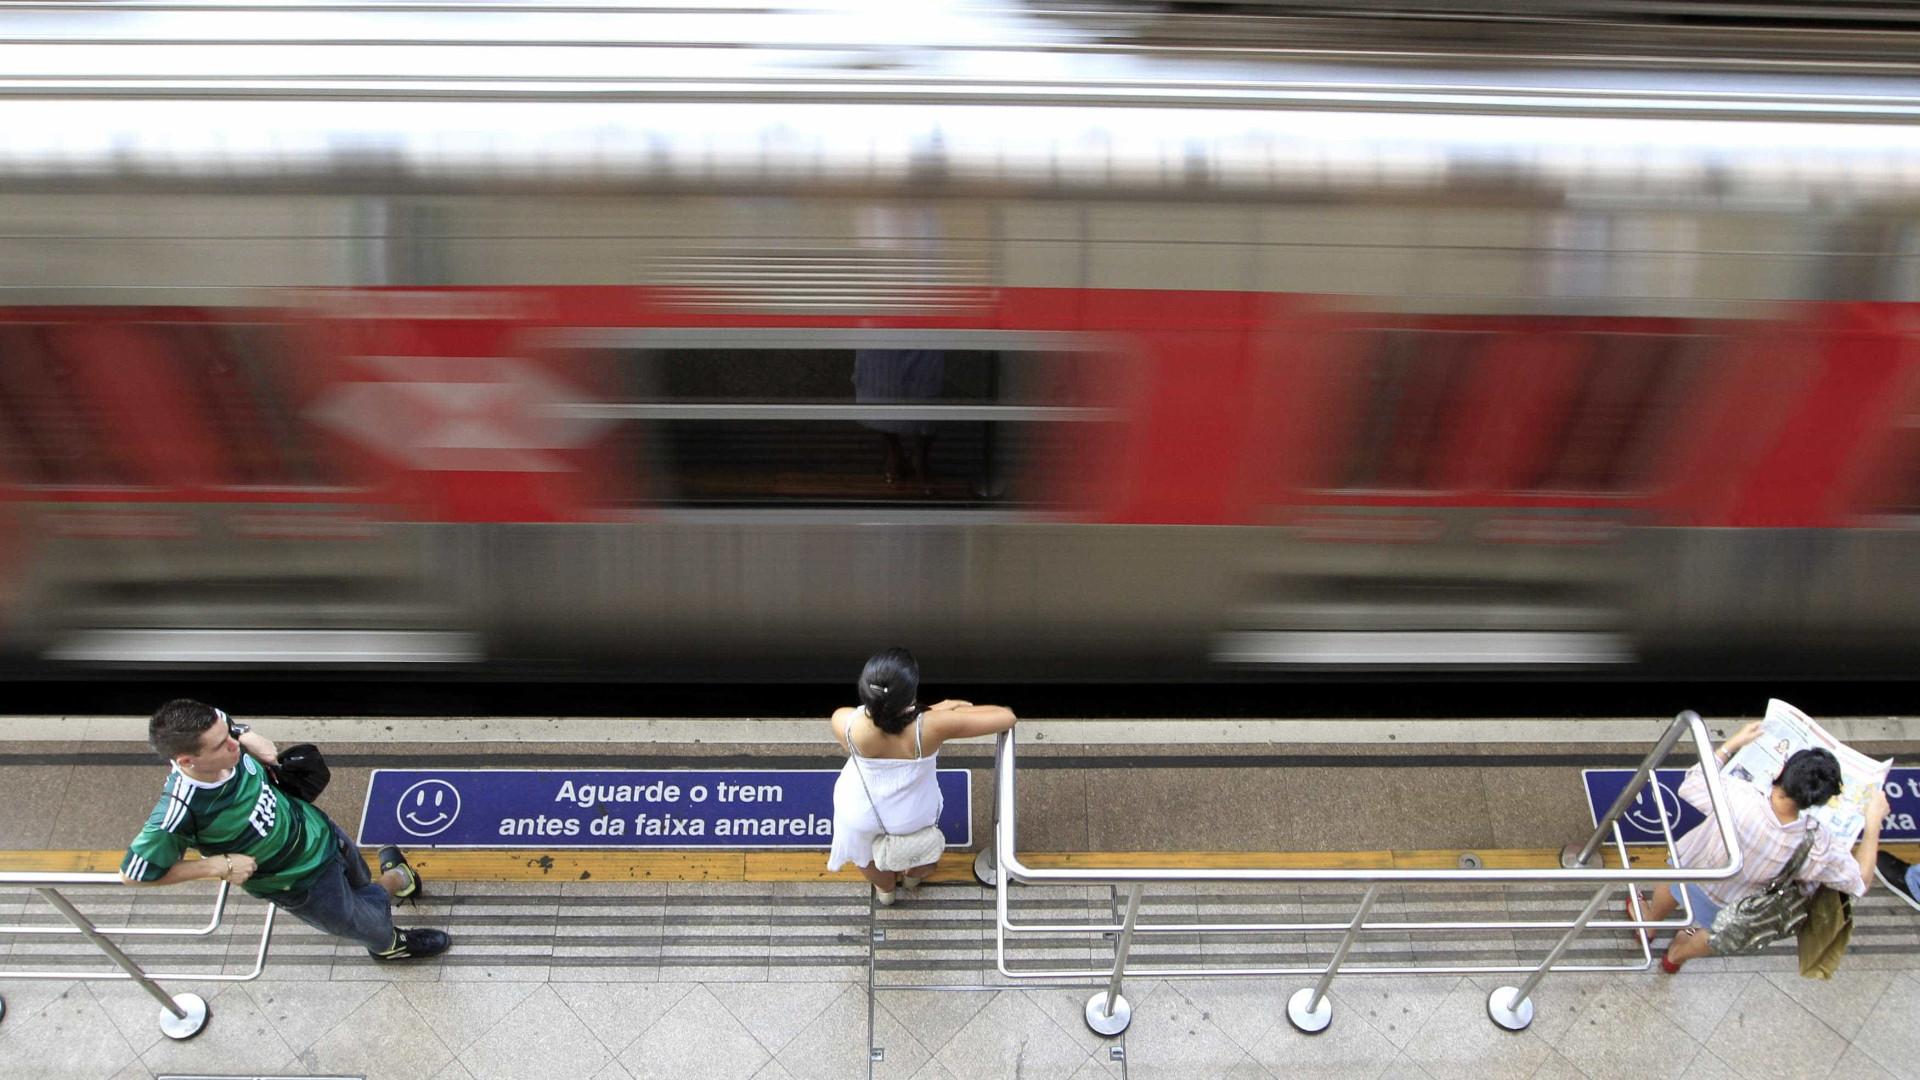 Após estabilização de viaduto, trens funcionam com velocidade reduzida